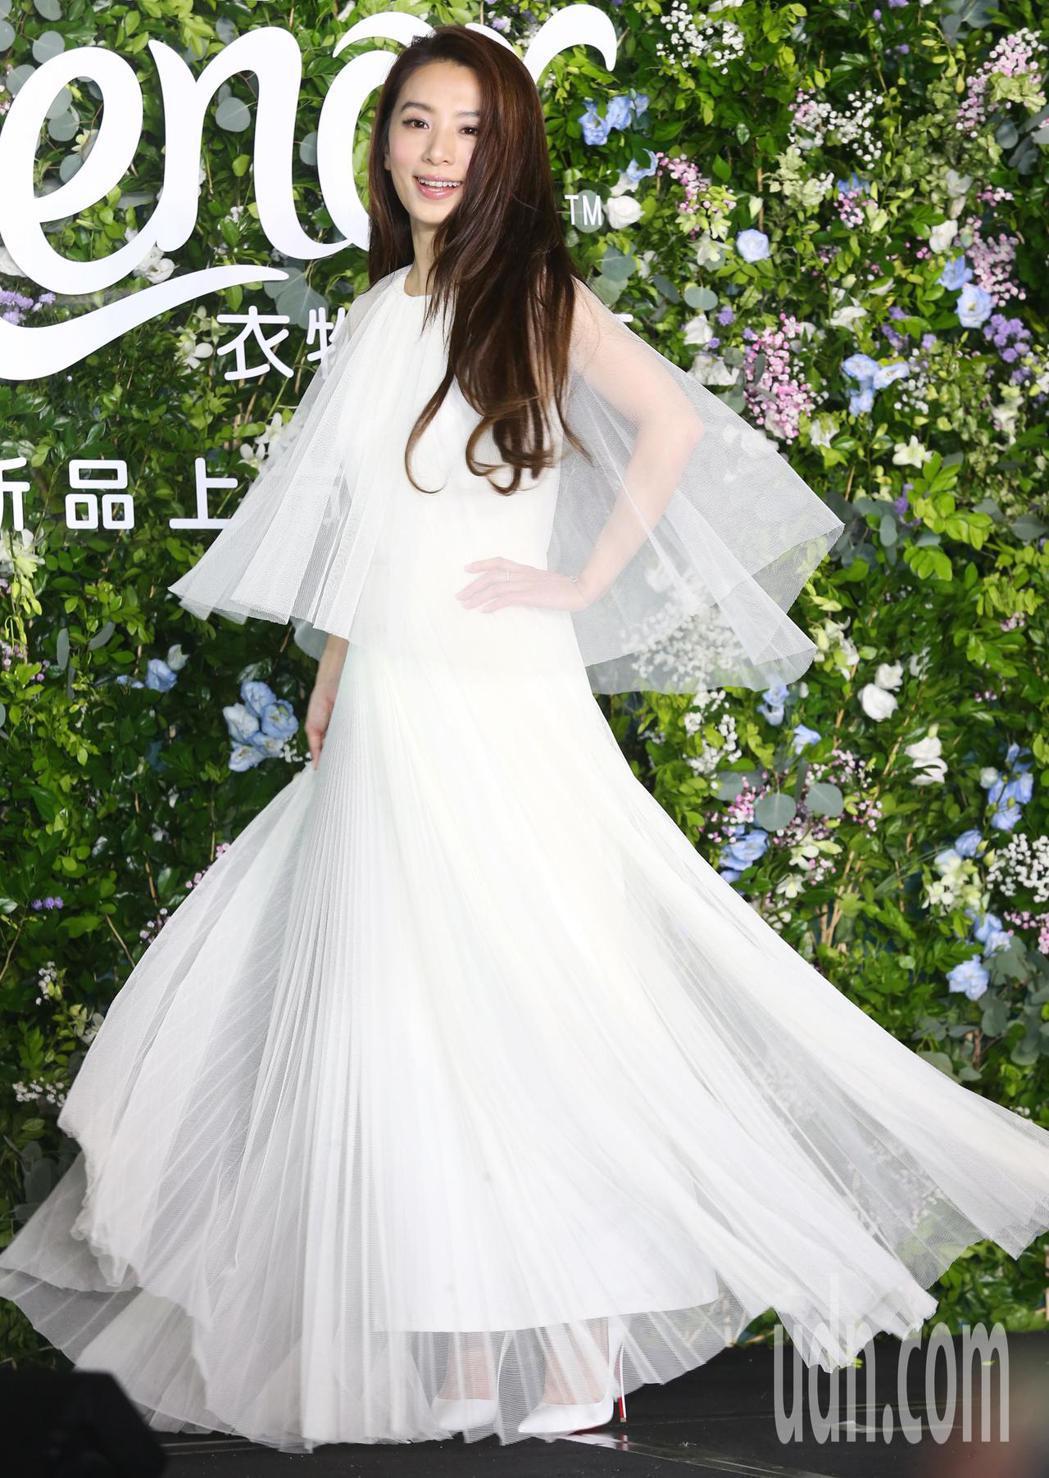 Hebe身穿雪白紡紗從花叢中出場宛如森林中的女神。記者徐兆玄/攝影